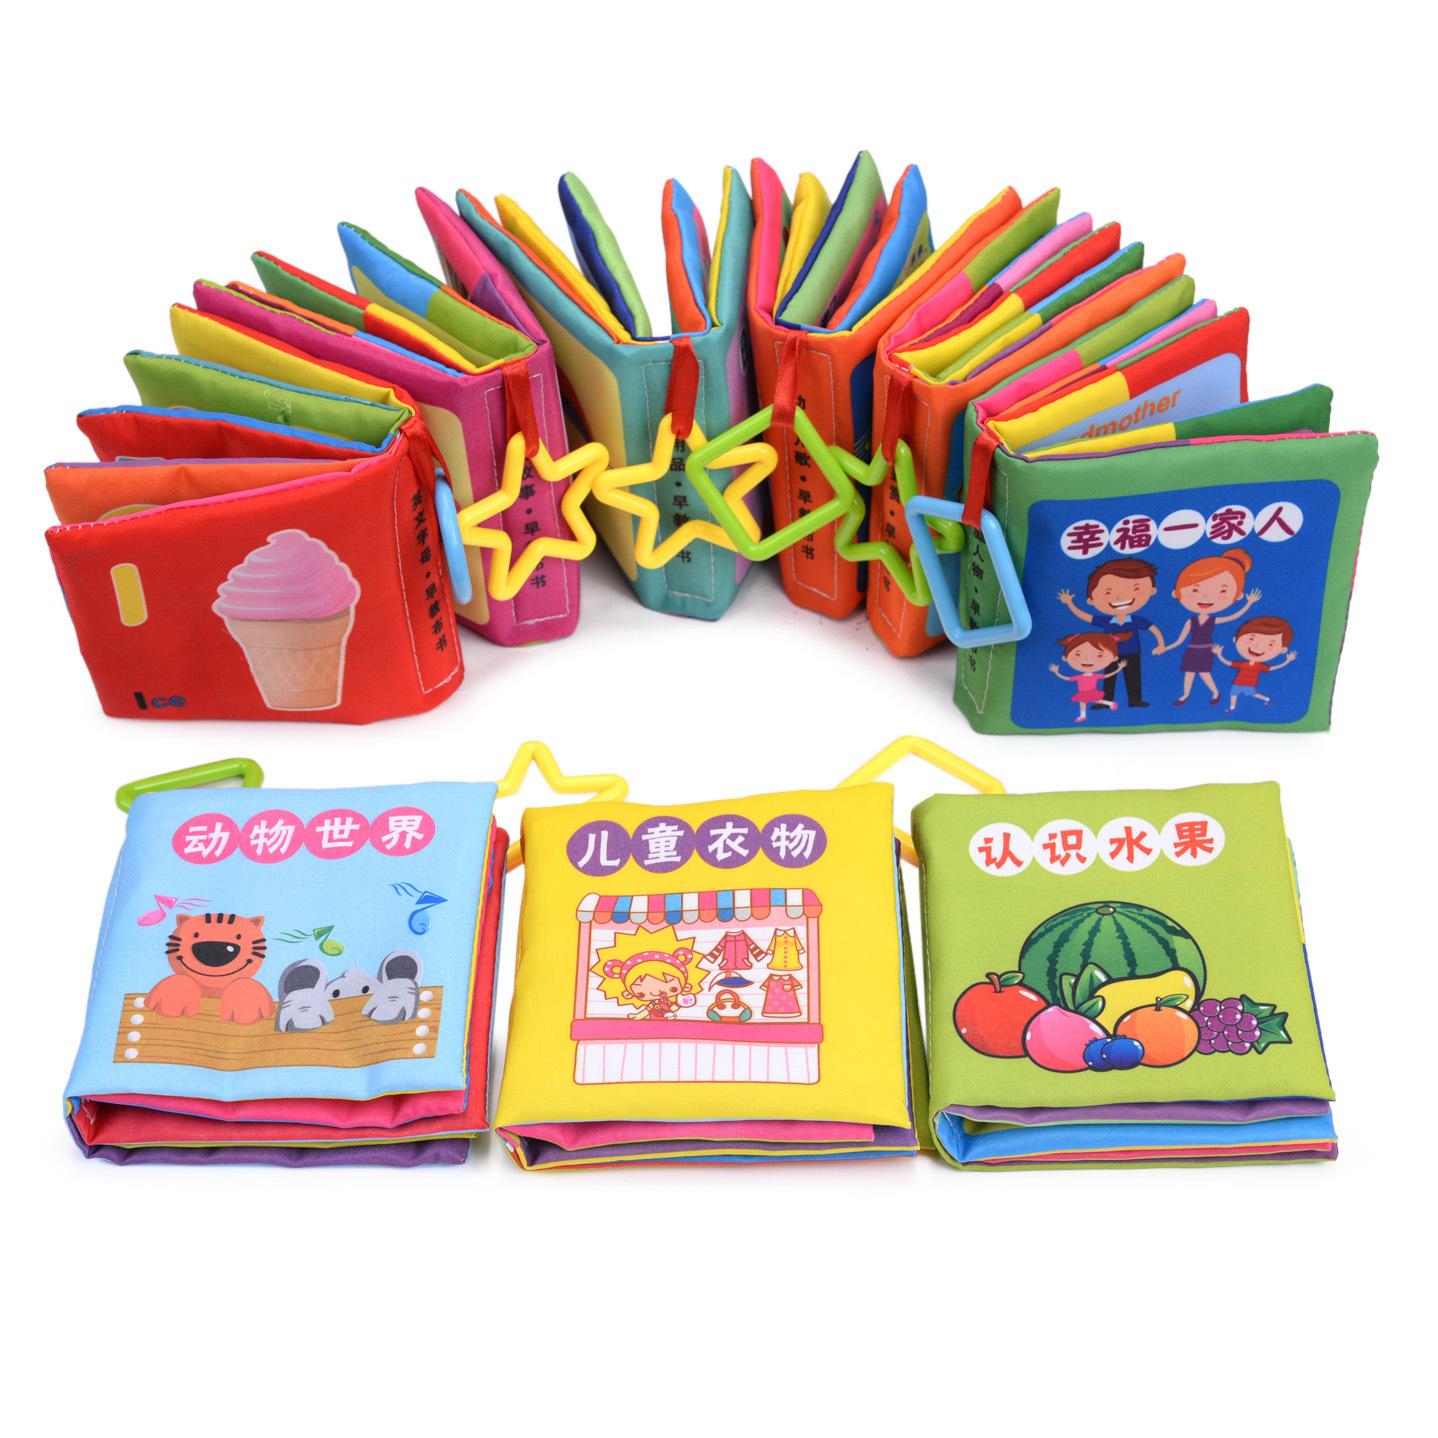 MIAOMIAOHOU sách vải Sách bé vải đồ chơi cho bé sách vải trẻ sơ sinh dạy học phát triển trí thông mi